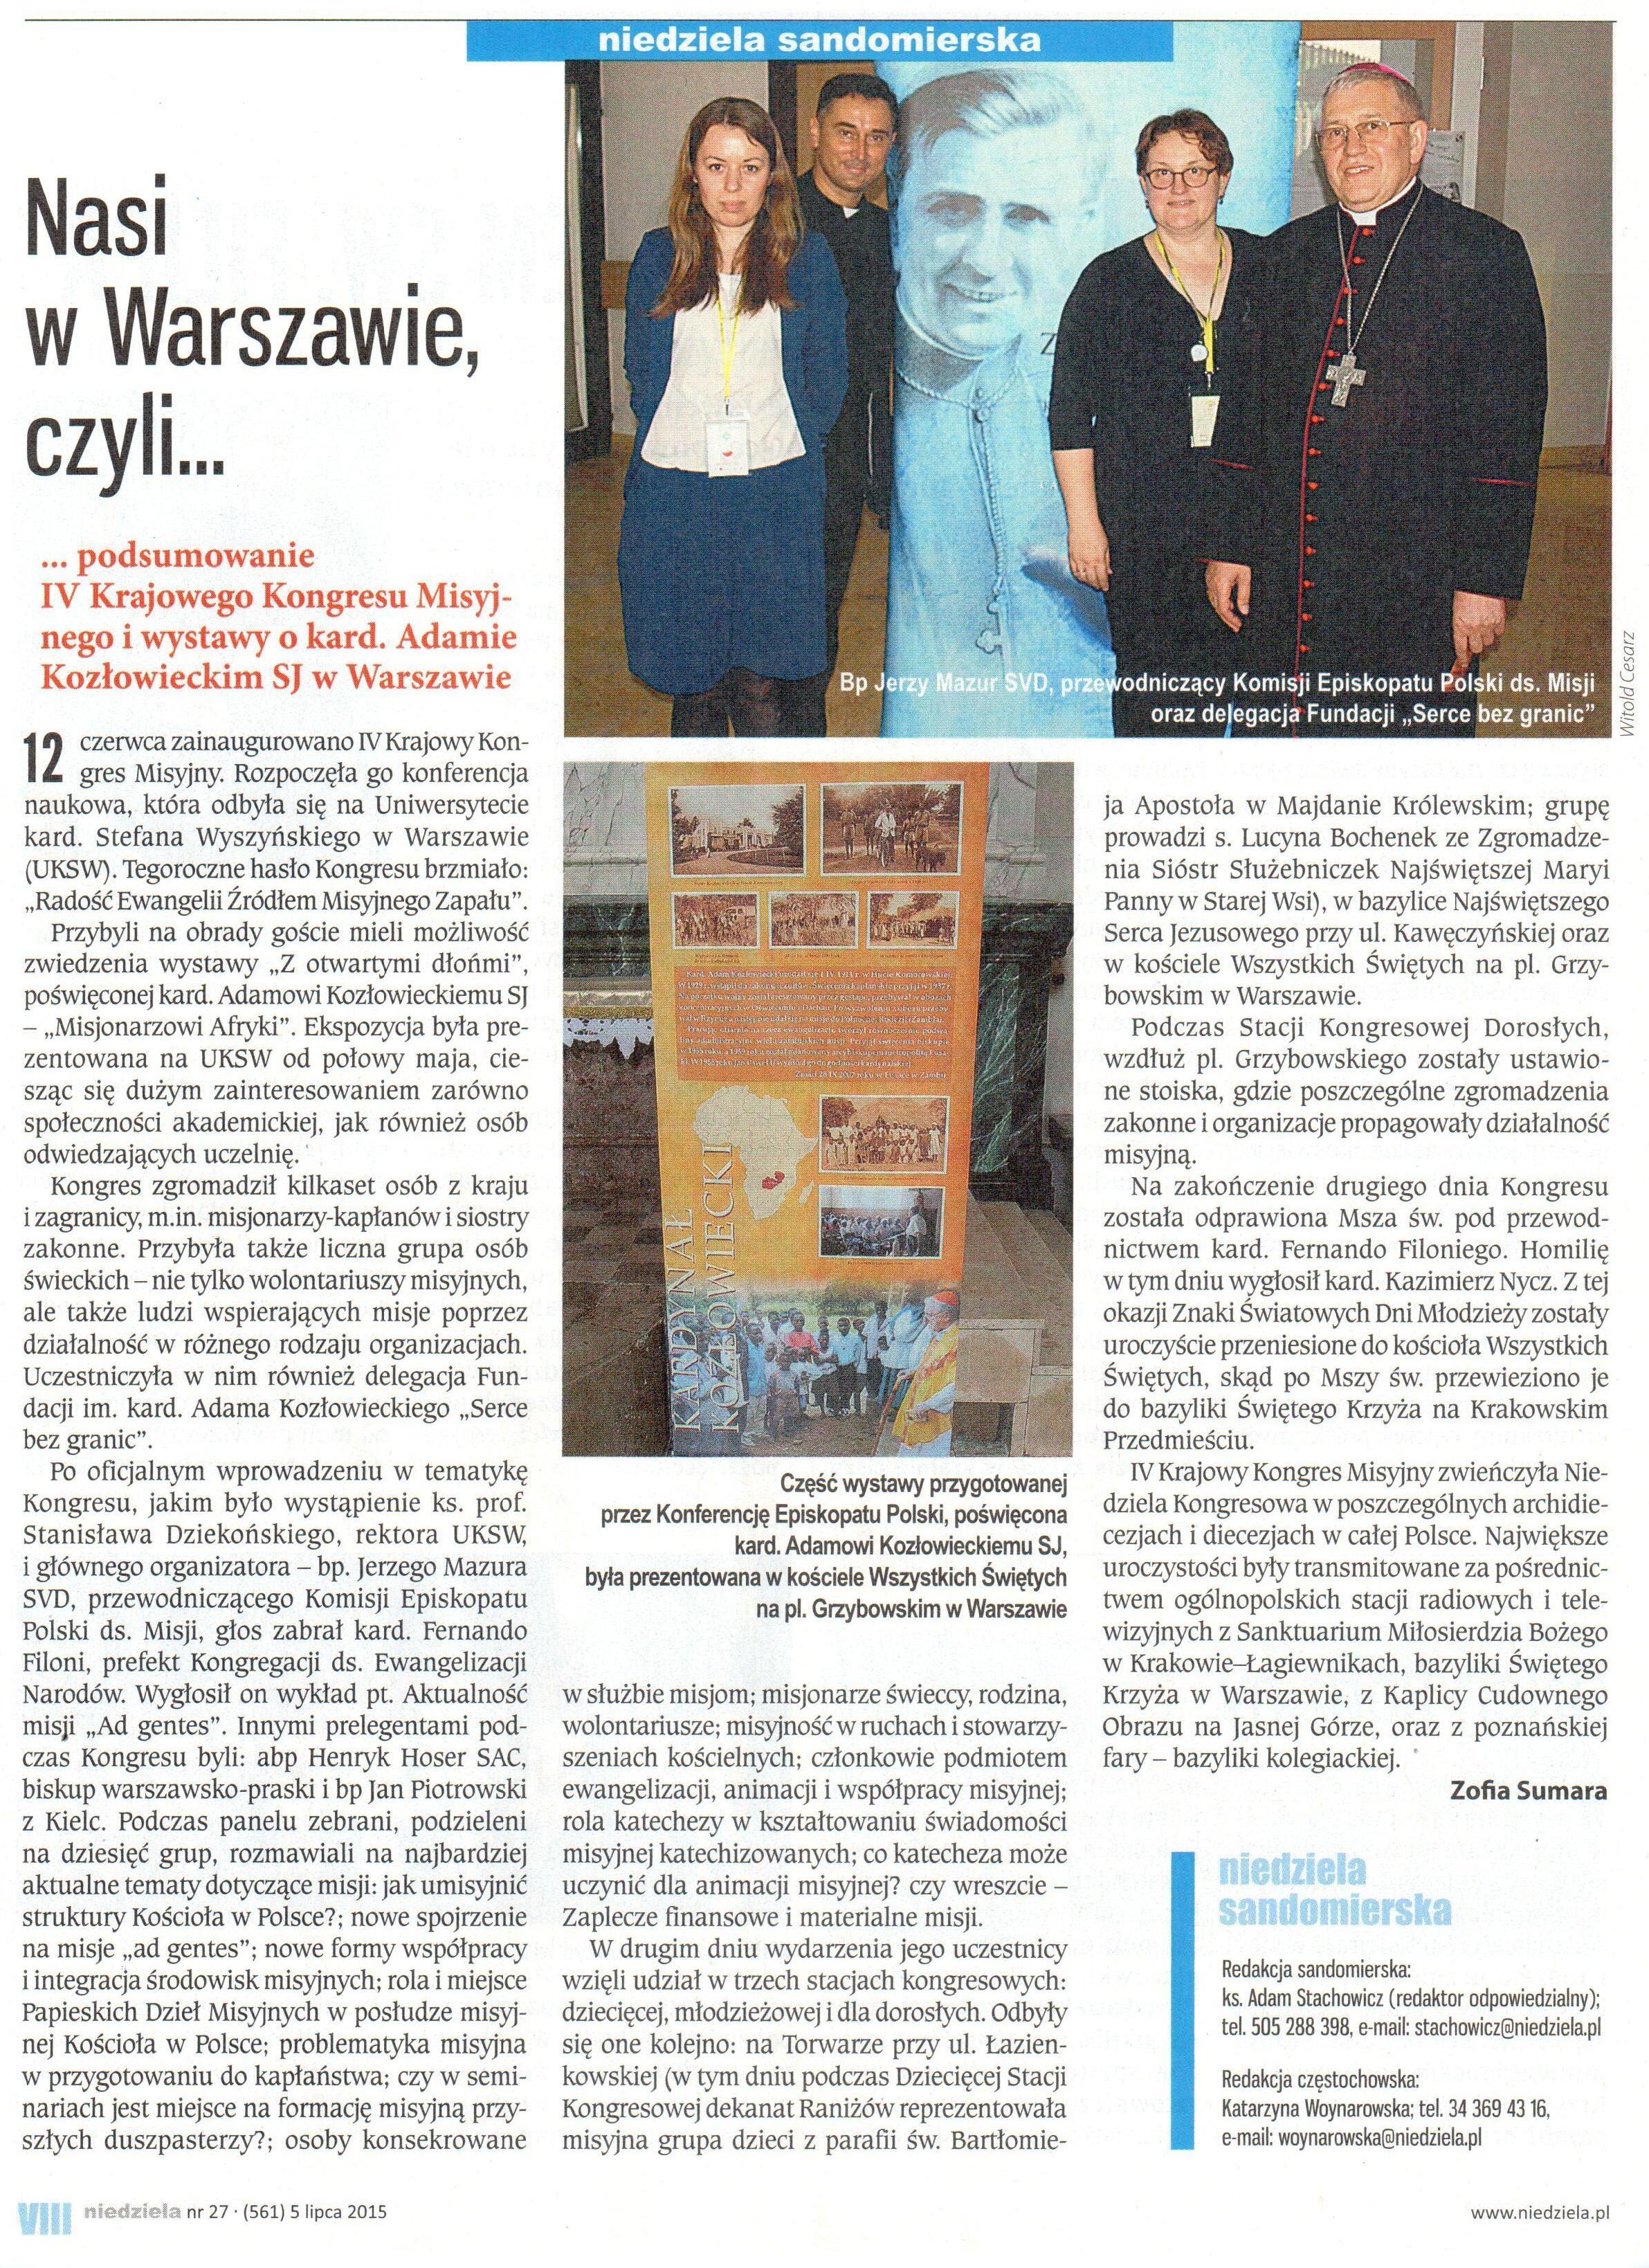 Artykuł - Niedziela Sandomierska, 05.07.2015